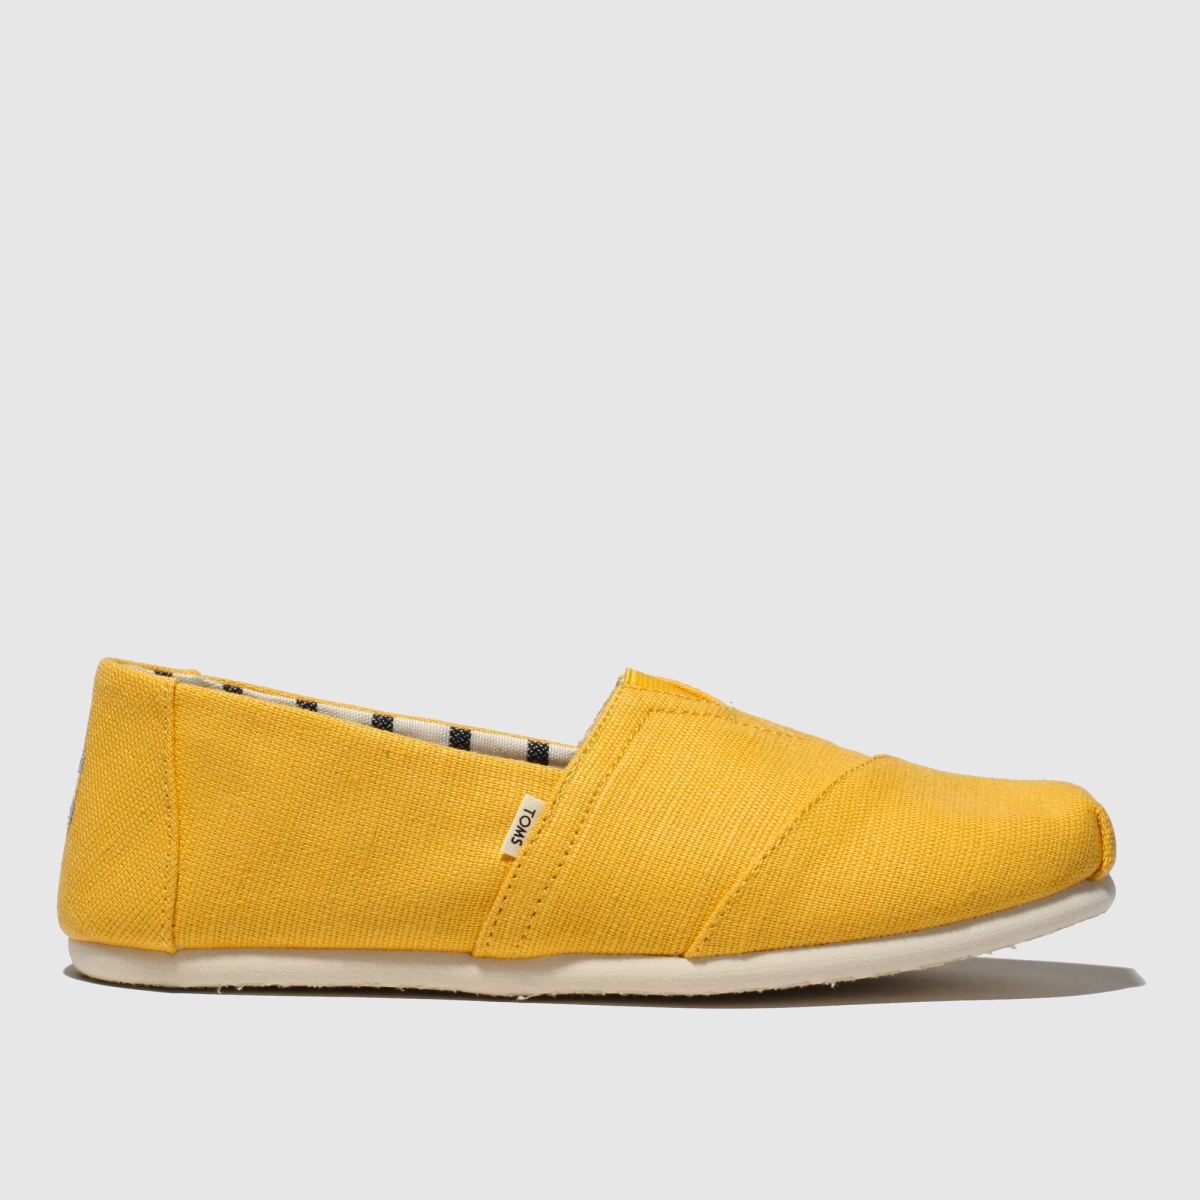 Toms Yellow Alpargata Venice Shoes